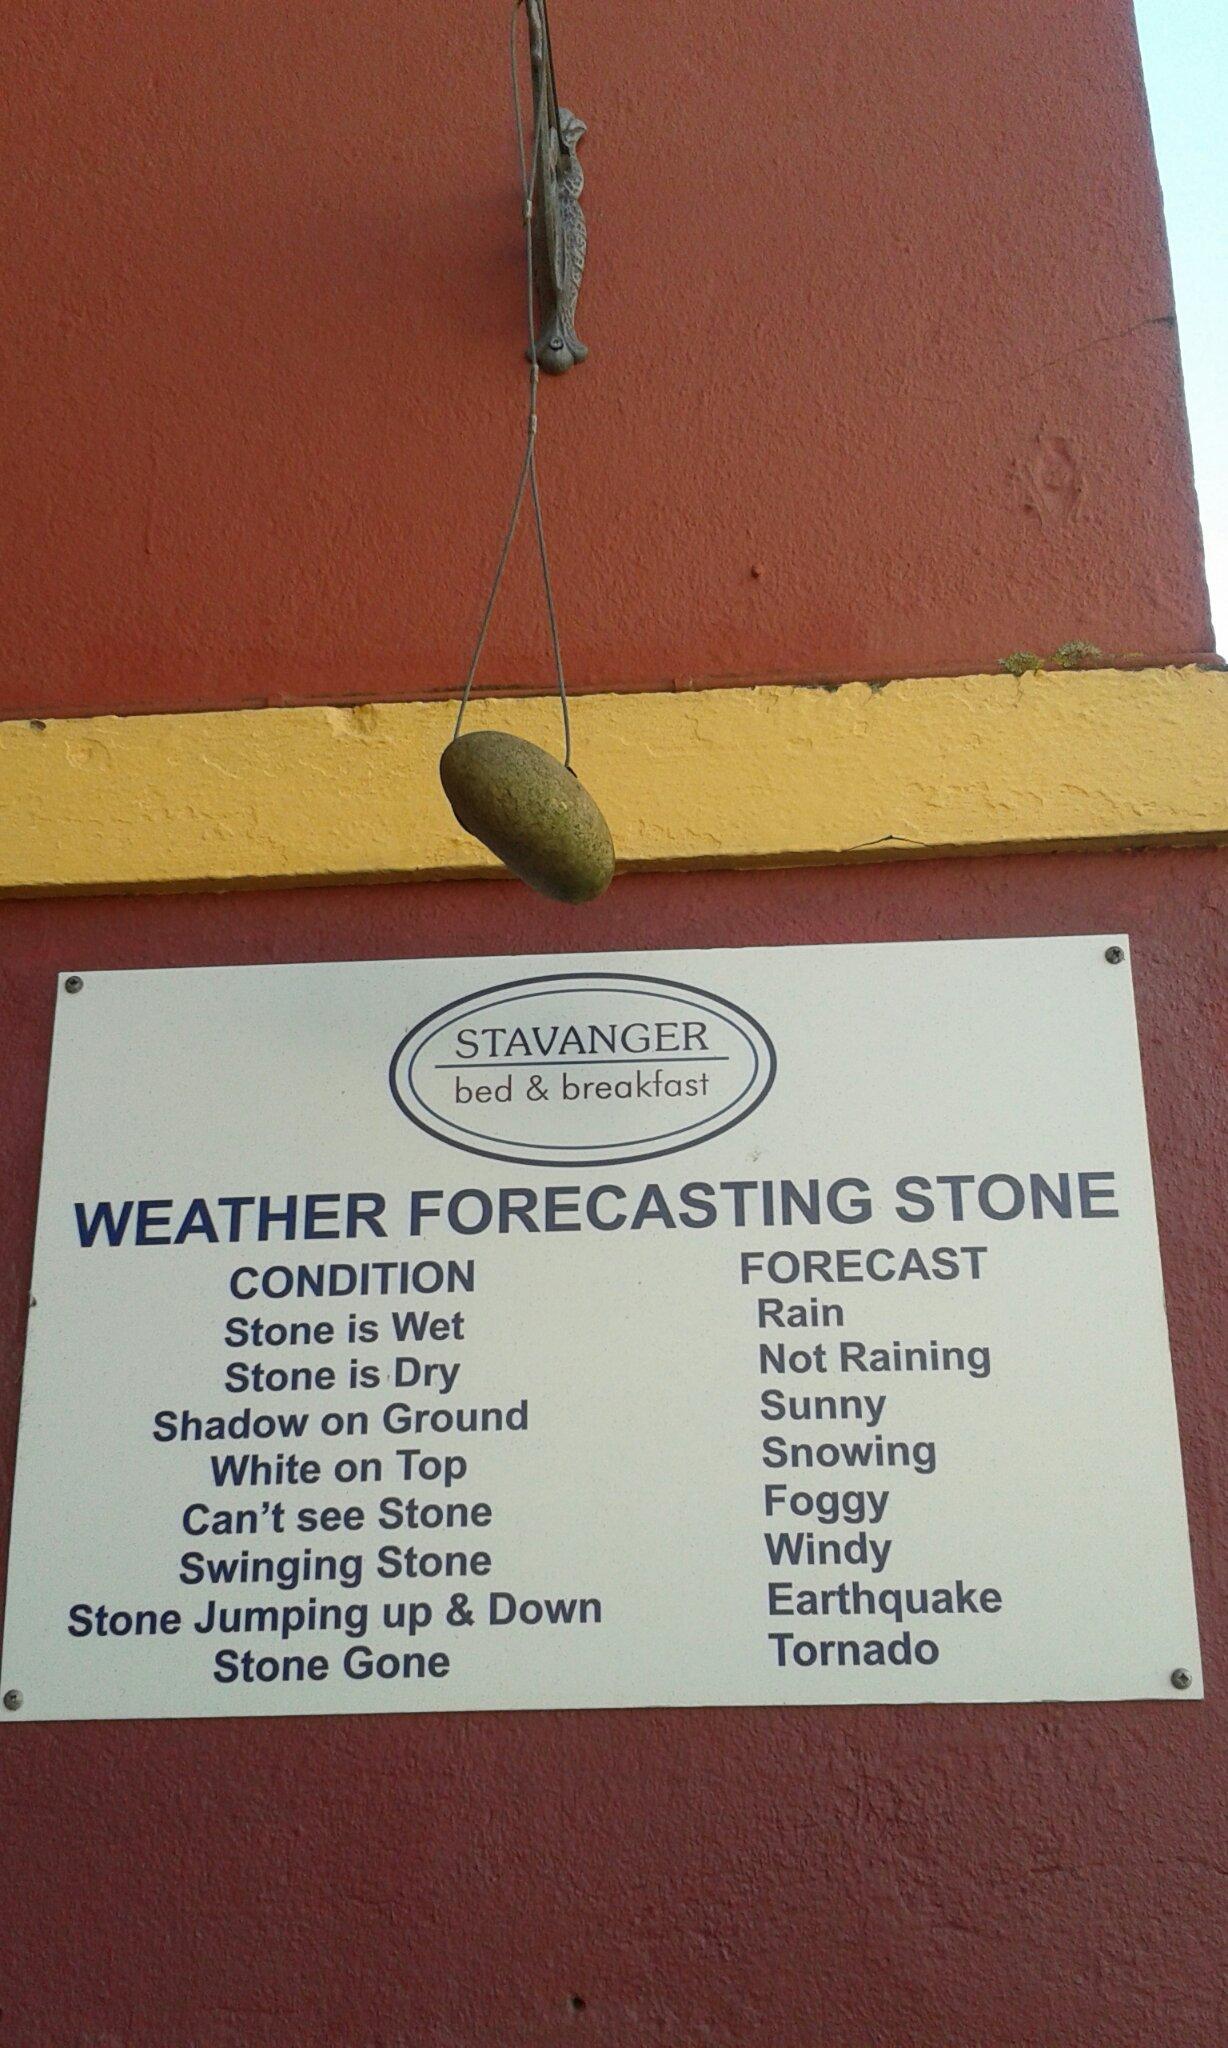 Forecasting stone - meme